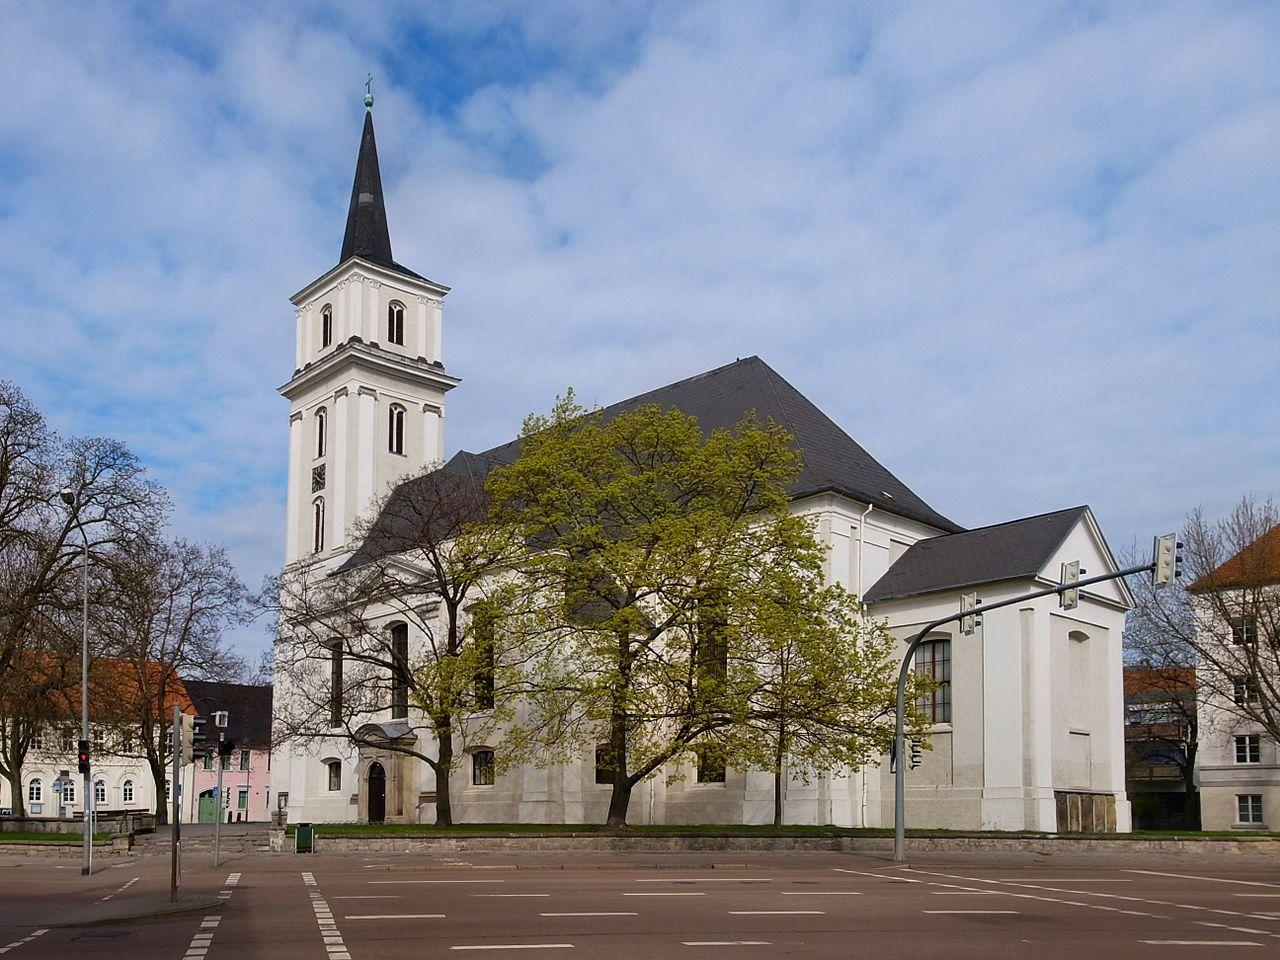 Bild Johanniskirche Dessau